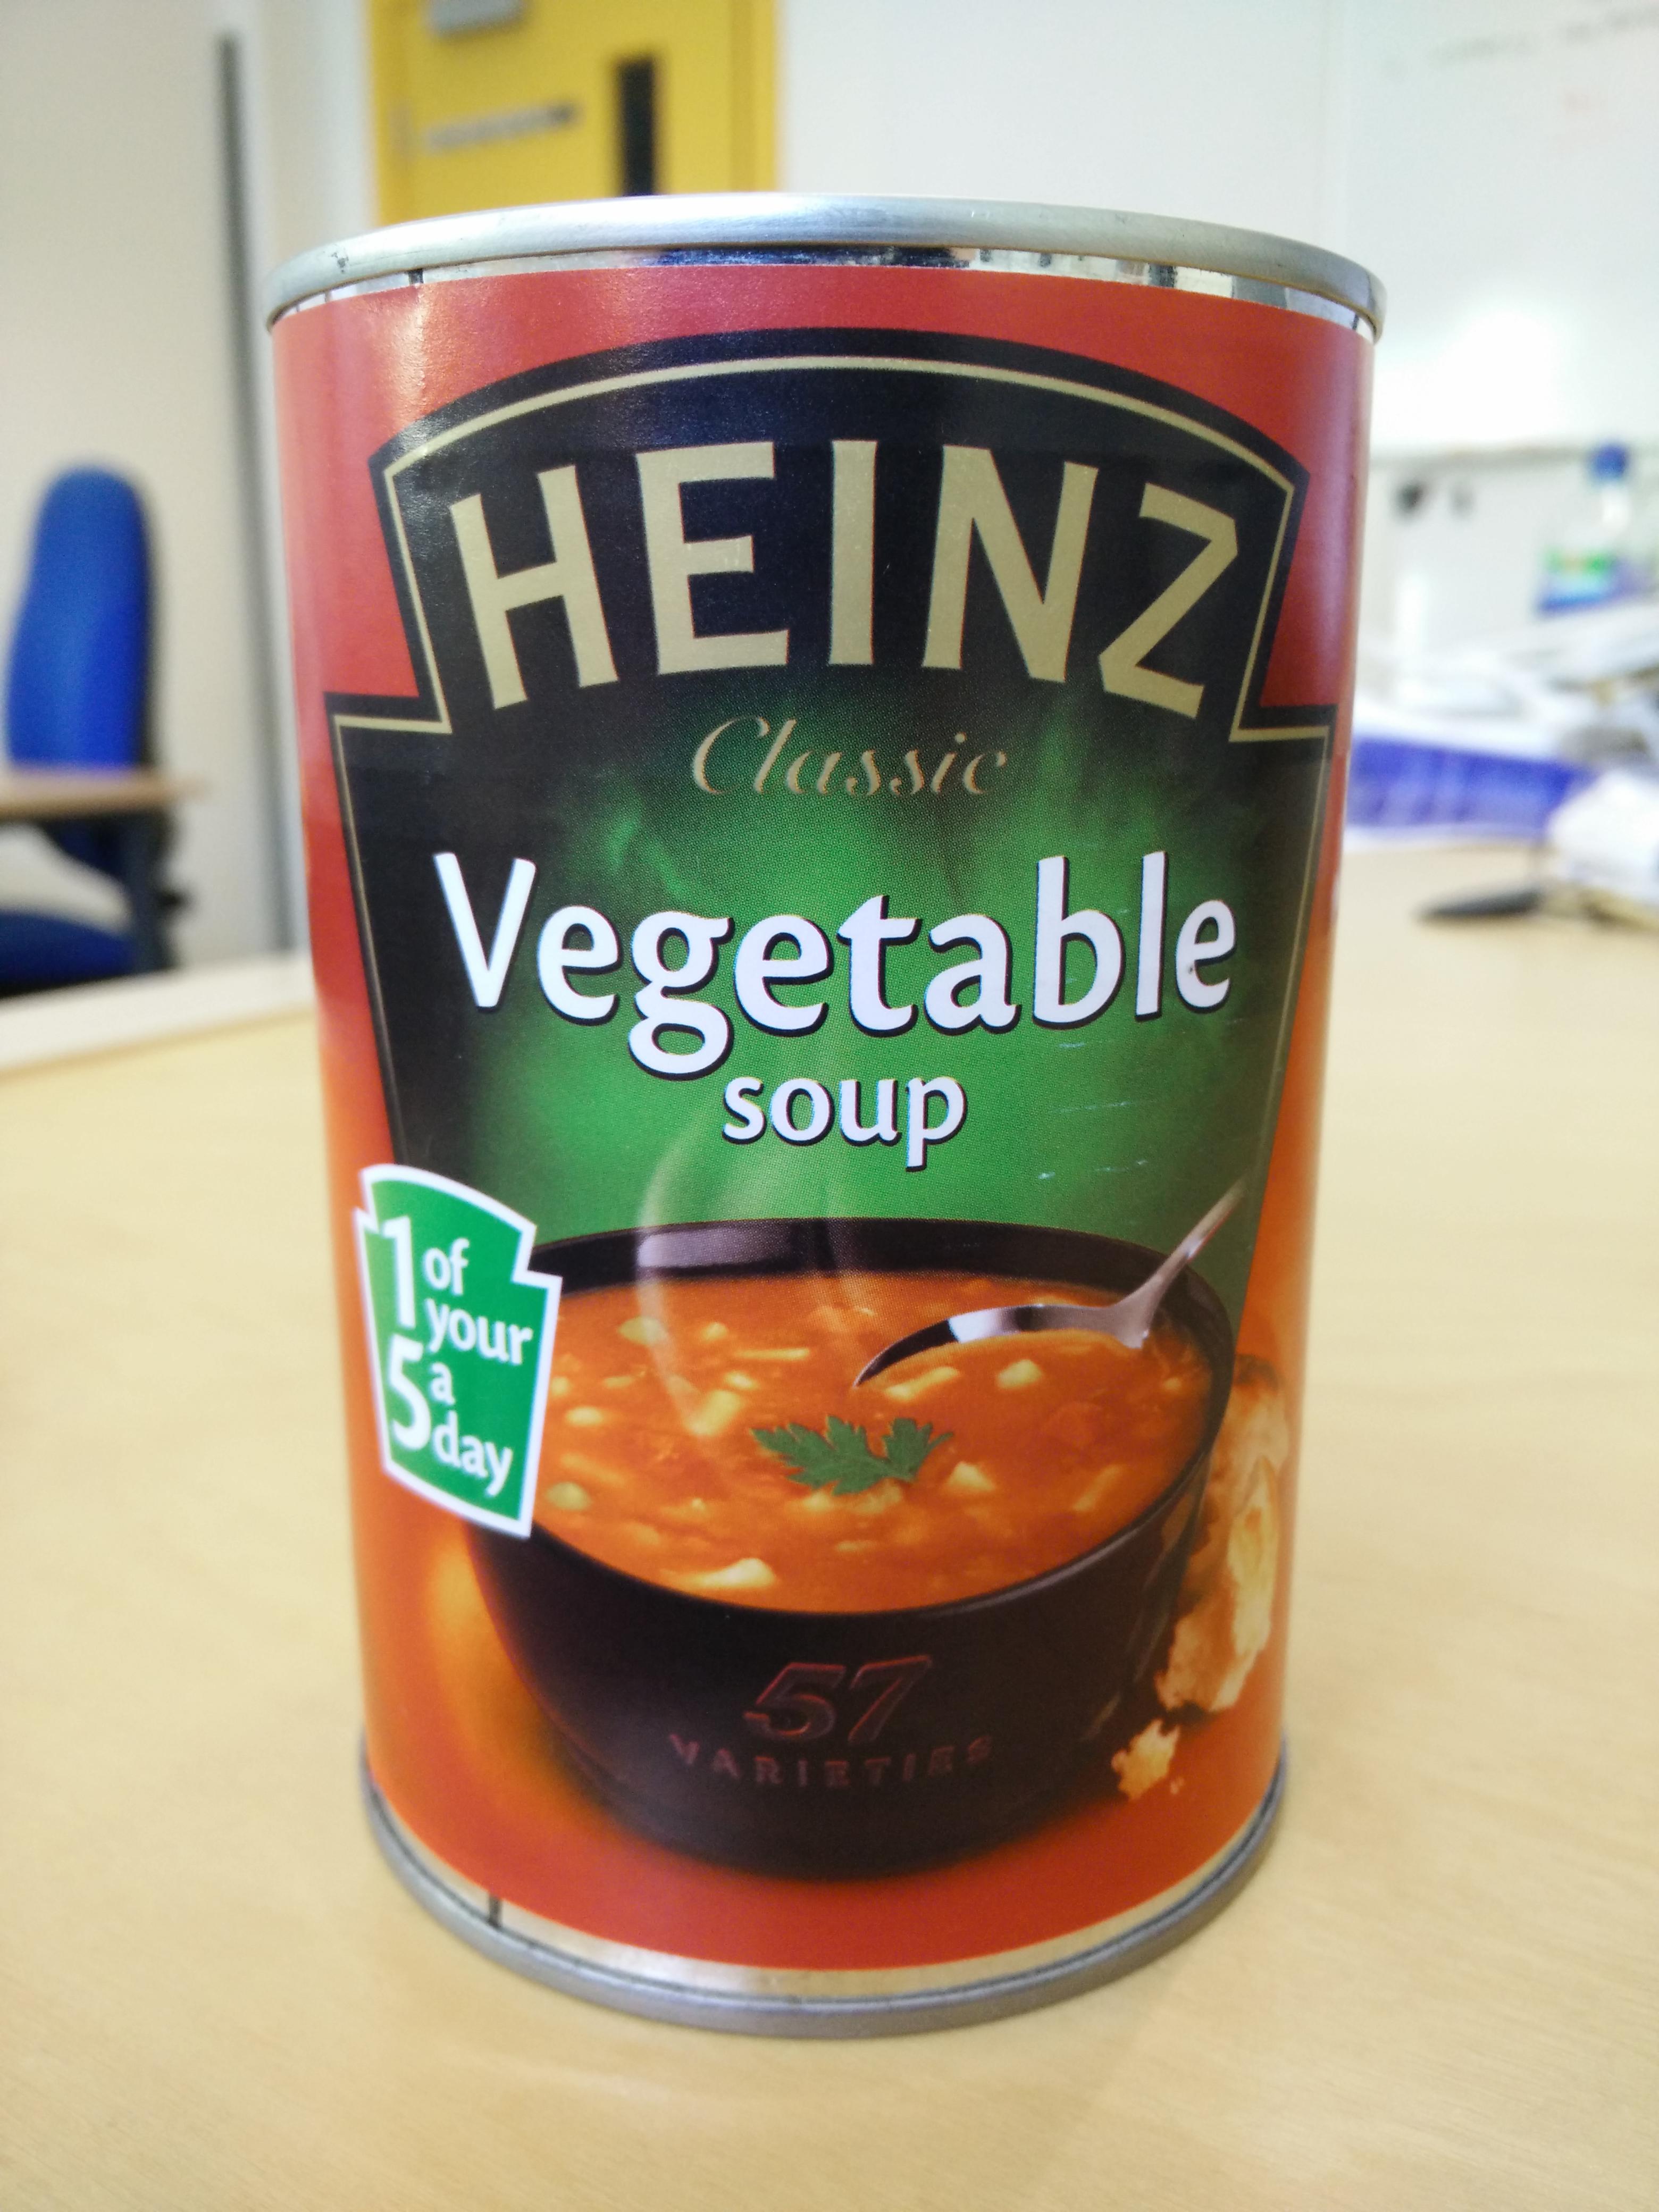 Heinz vegetable soup